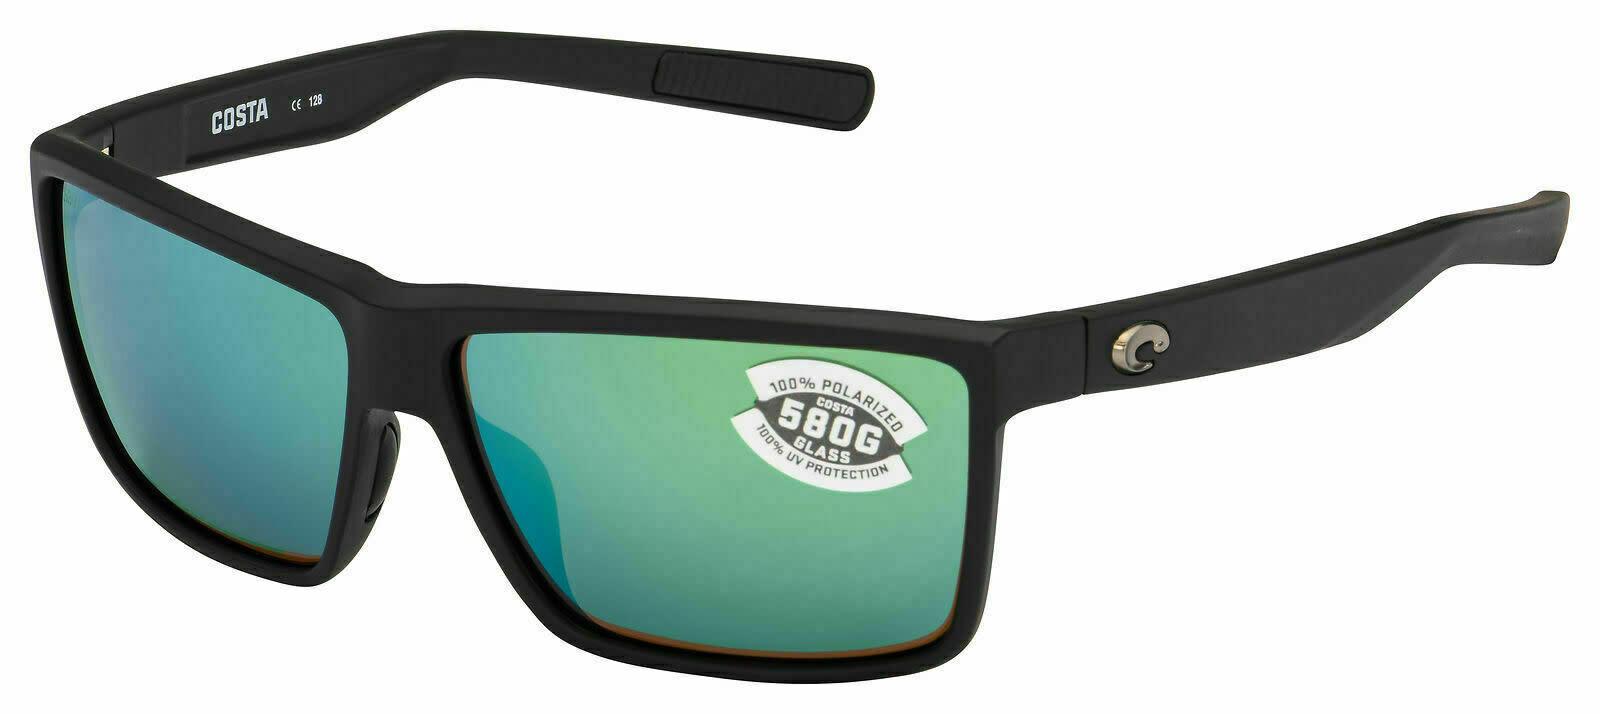 Costa Costa Rinconcito Matte Black w/ Green Mirror 580G Lens